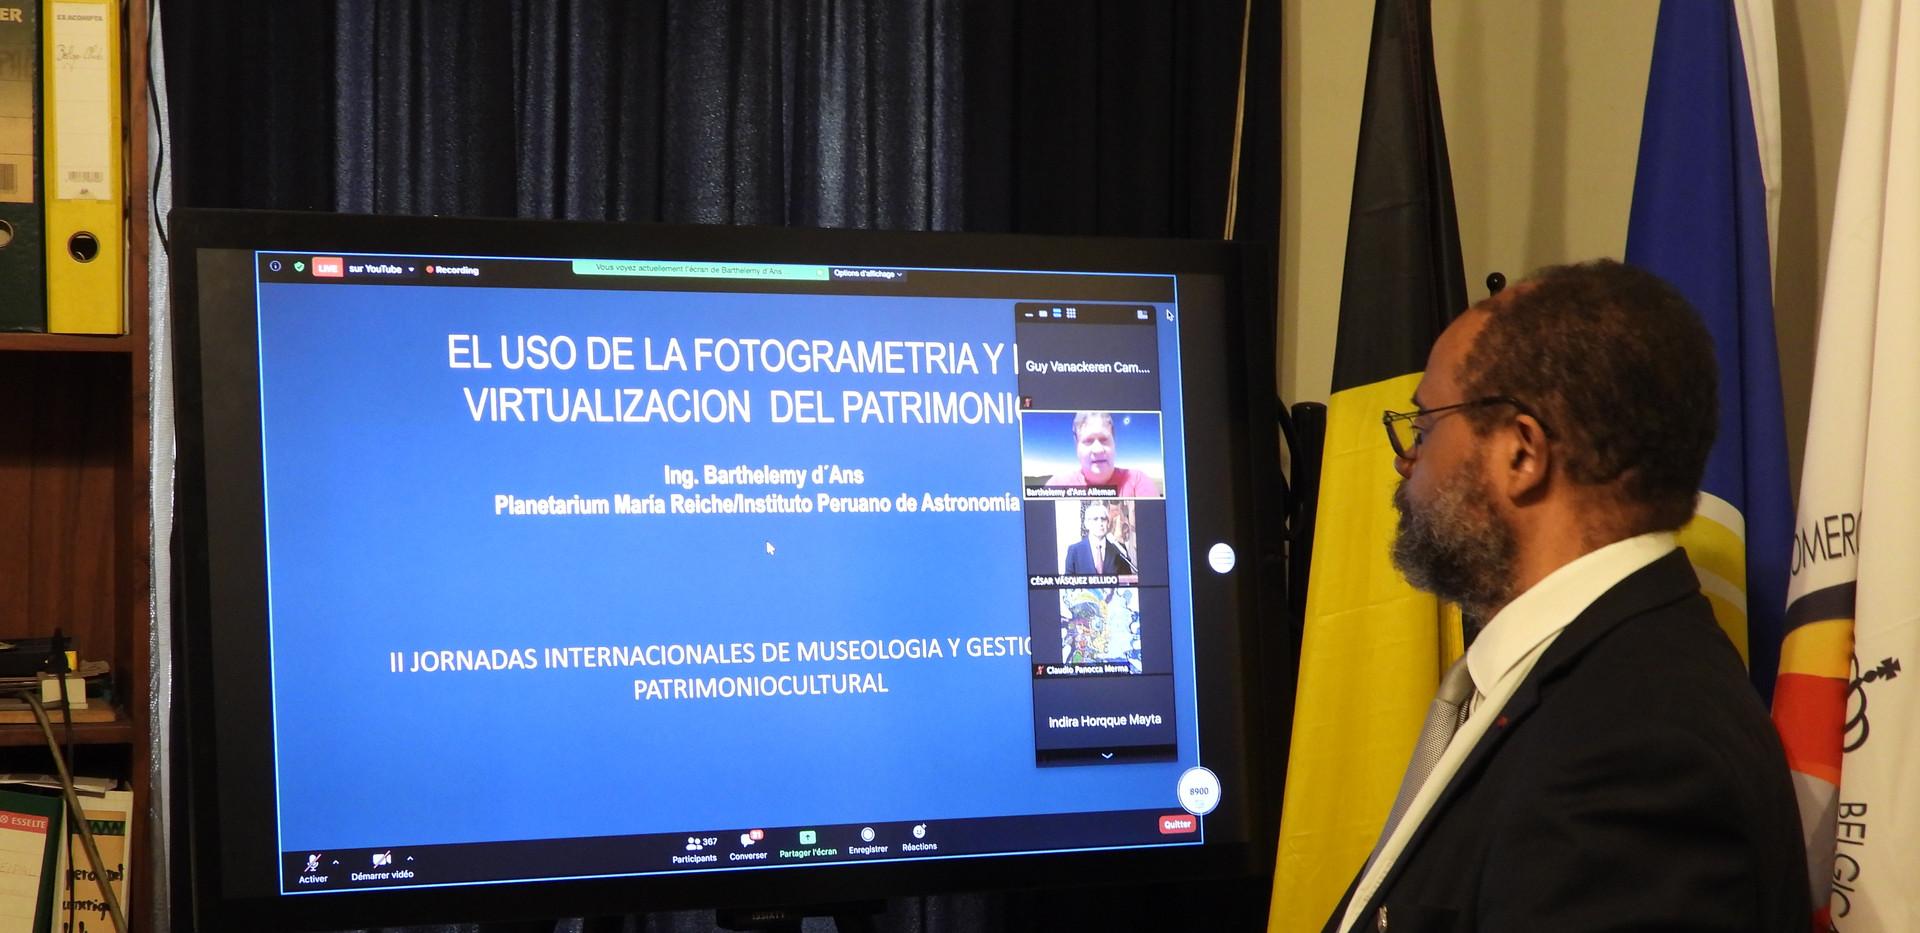 IIe Jornada de Museologia y gestión de patrimonio Cultural